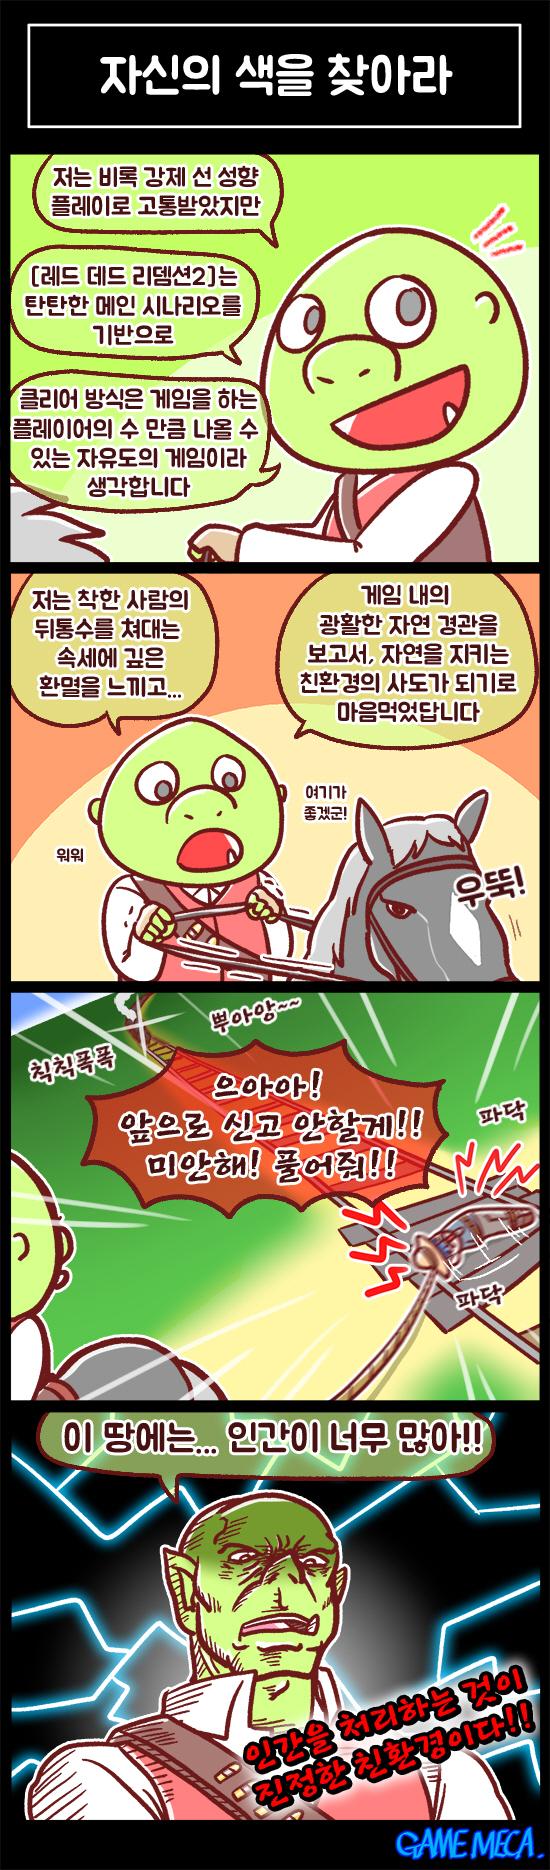 게임메카 노동8호